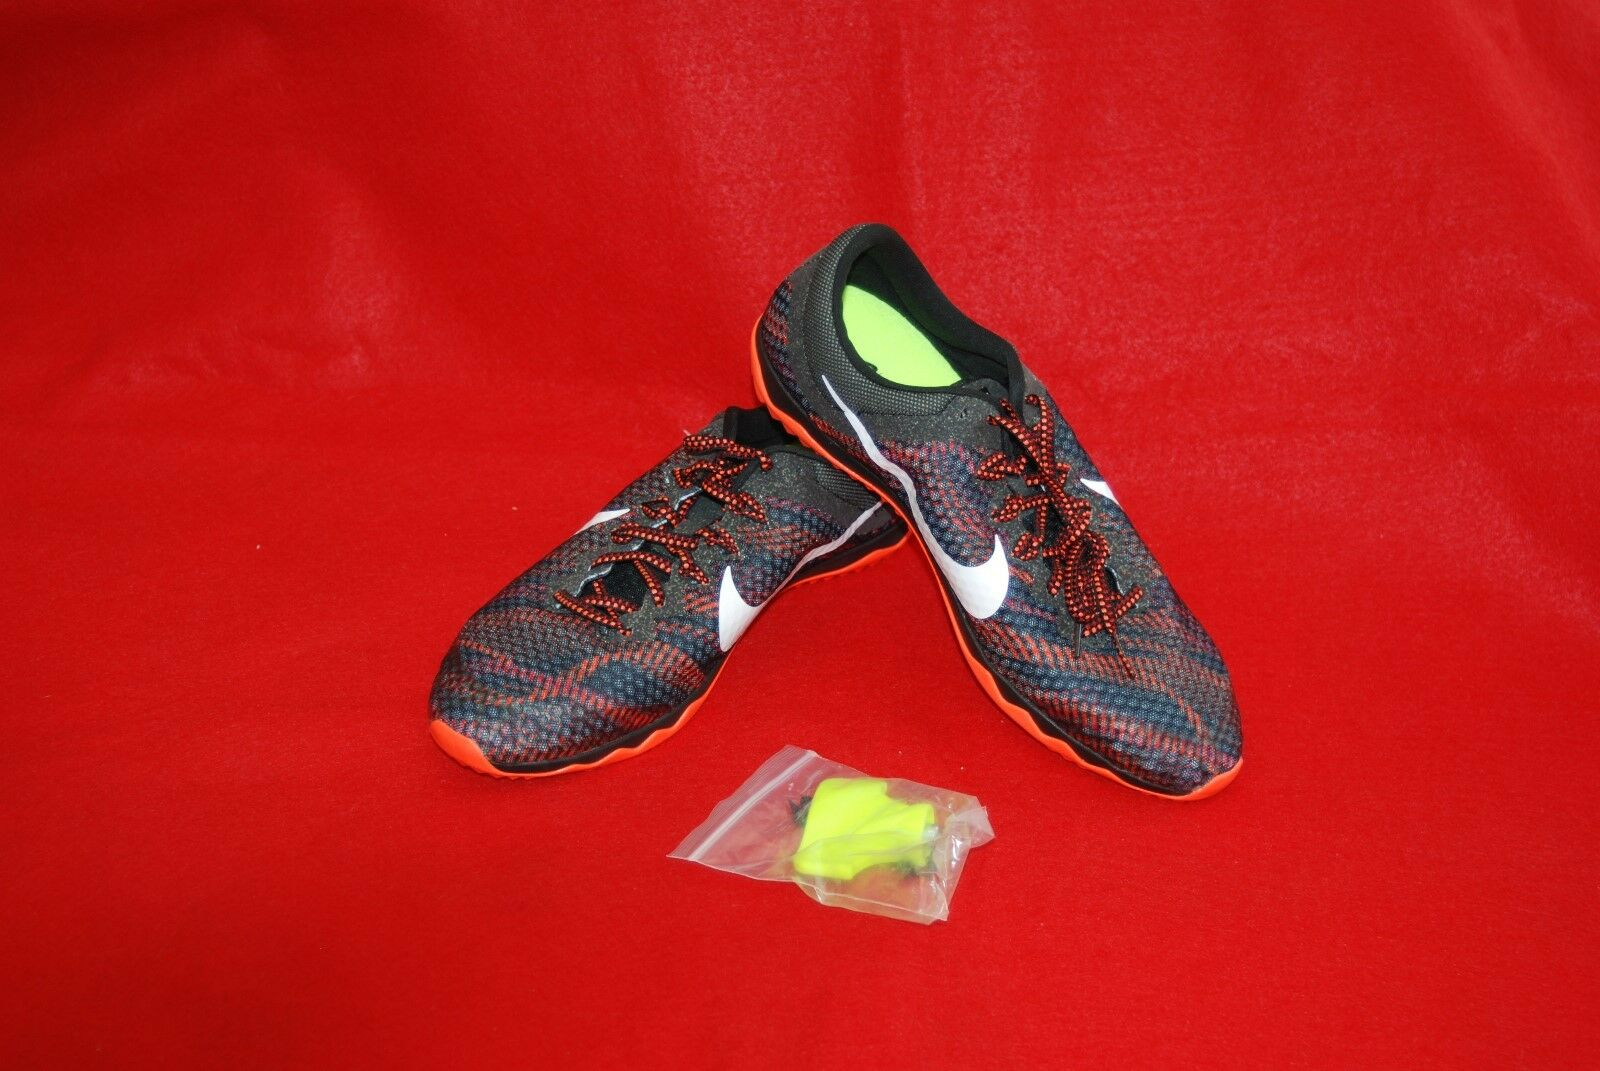 Nike gli rivale zoom rivale gli xc atletica scarpe rosso - nero 749349-816 dimensioni 10,5 14d63c